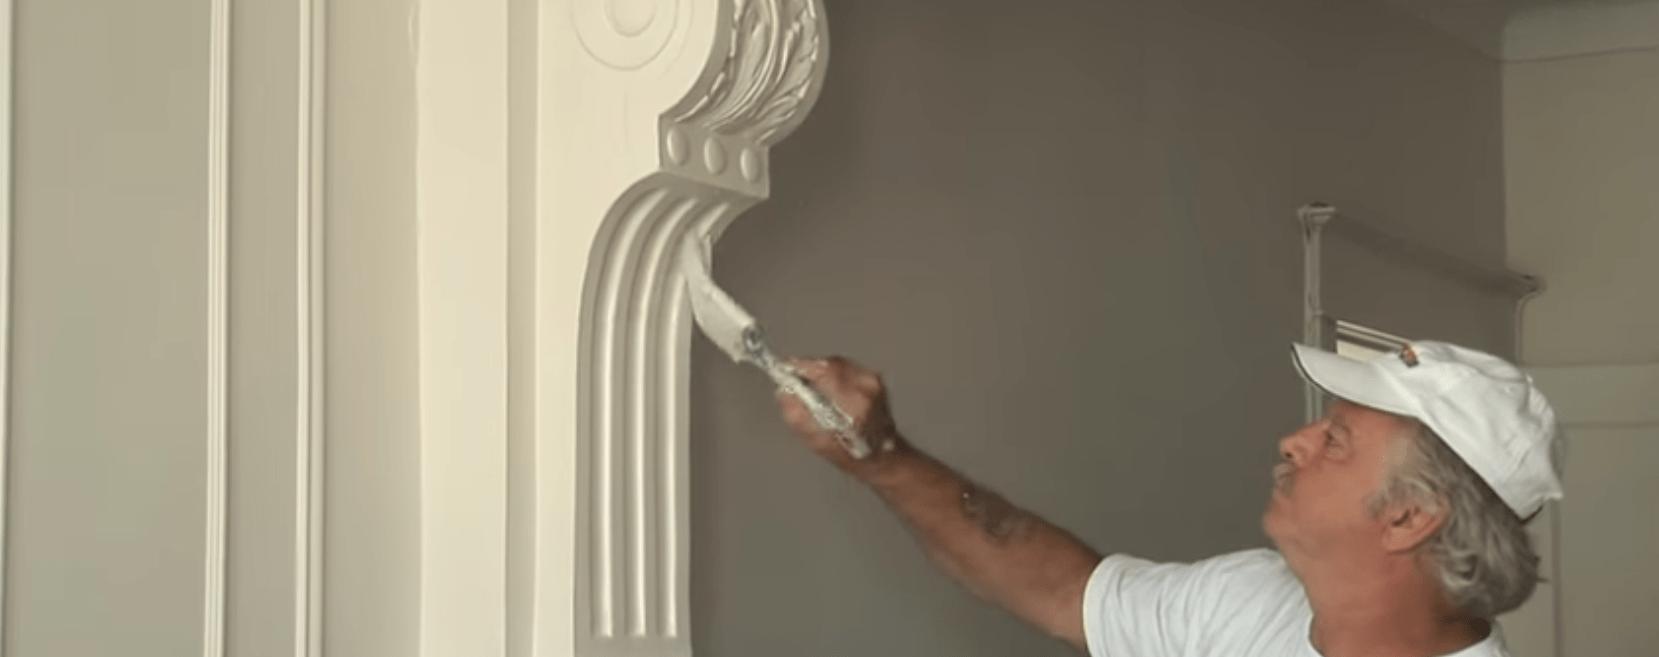 peintre en bâtiment Rive-Sud